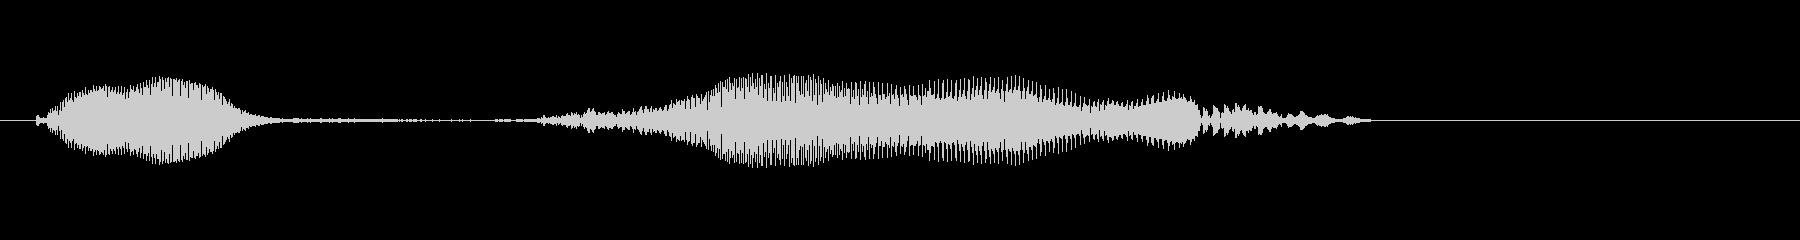 ぐすっ…っっの未再生の波形